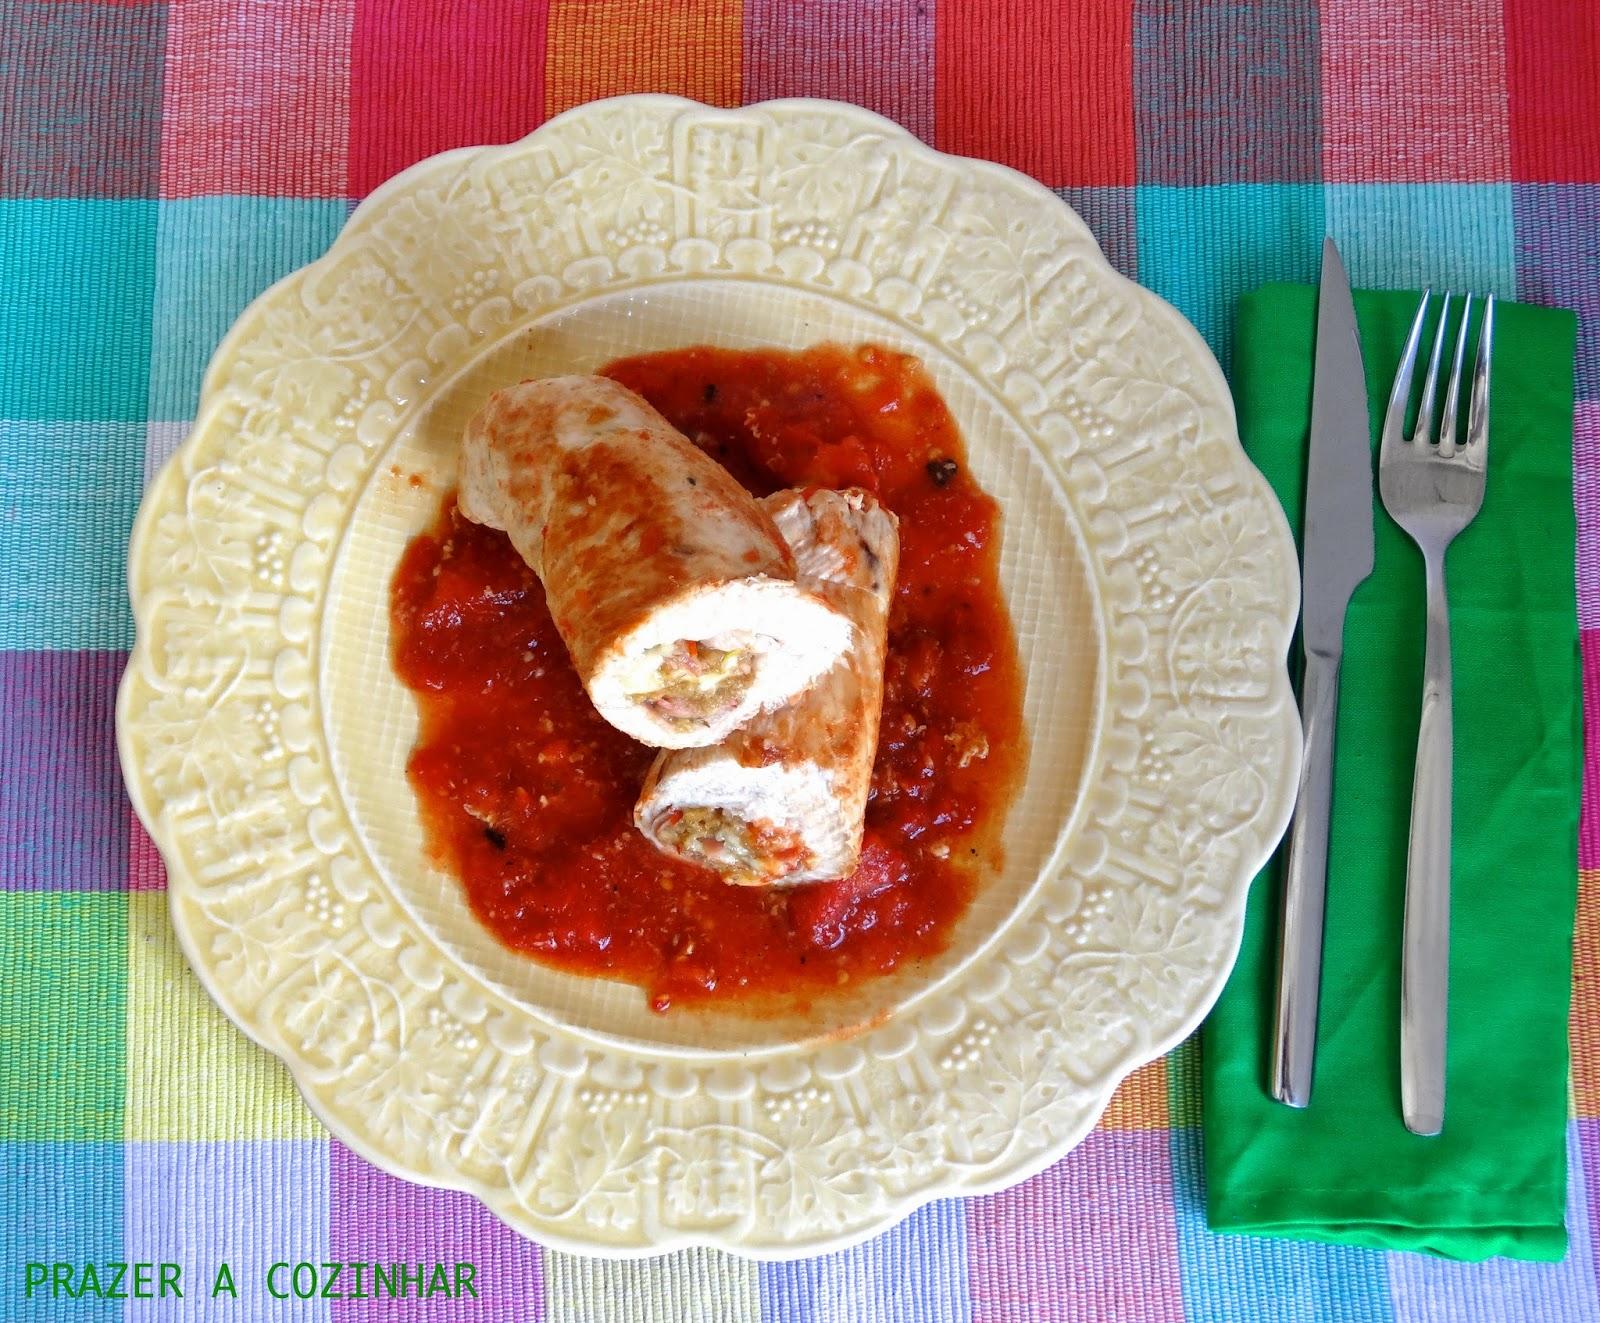 prazer a cozinhar - Bifes recheados